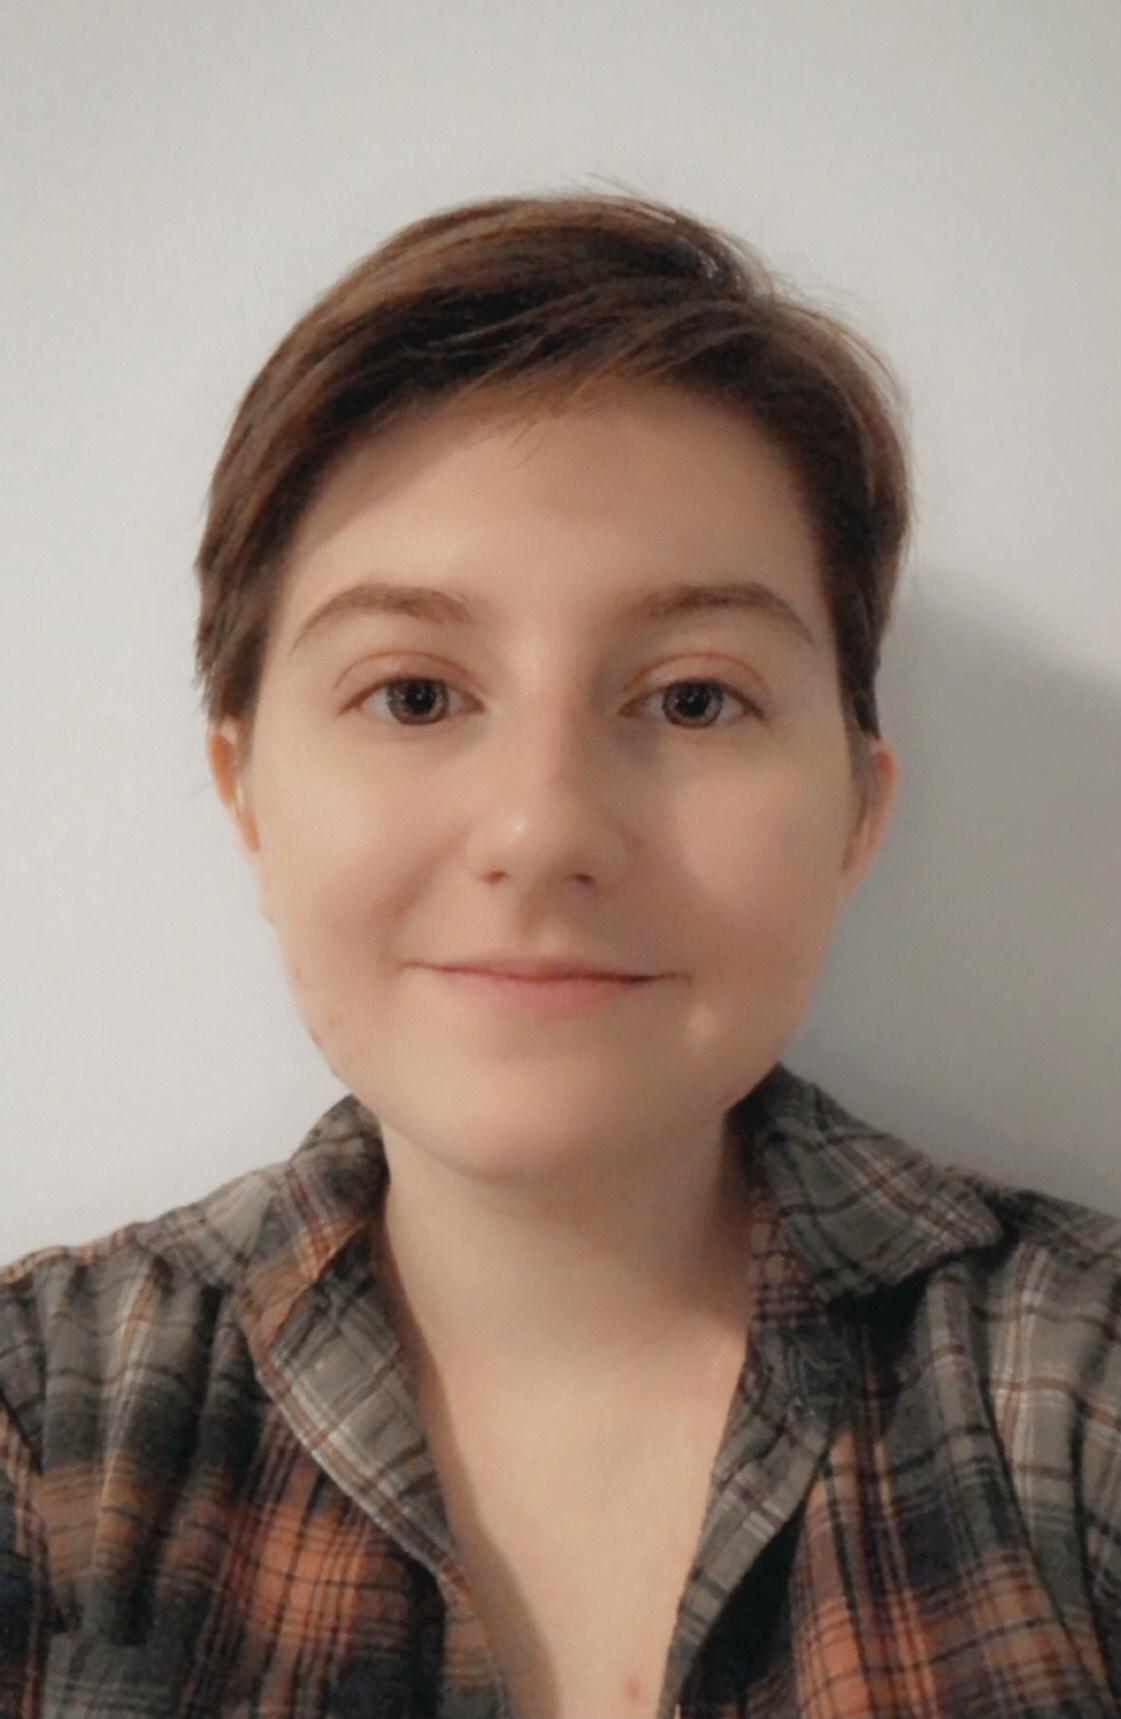 Headshot of Angela Molina